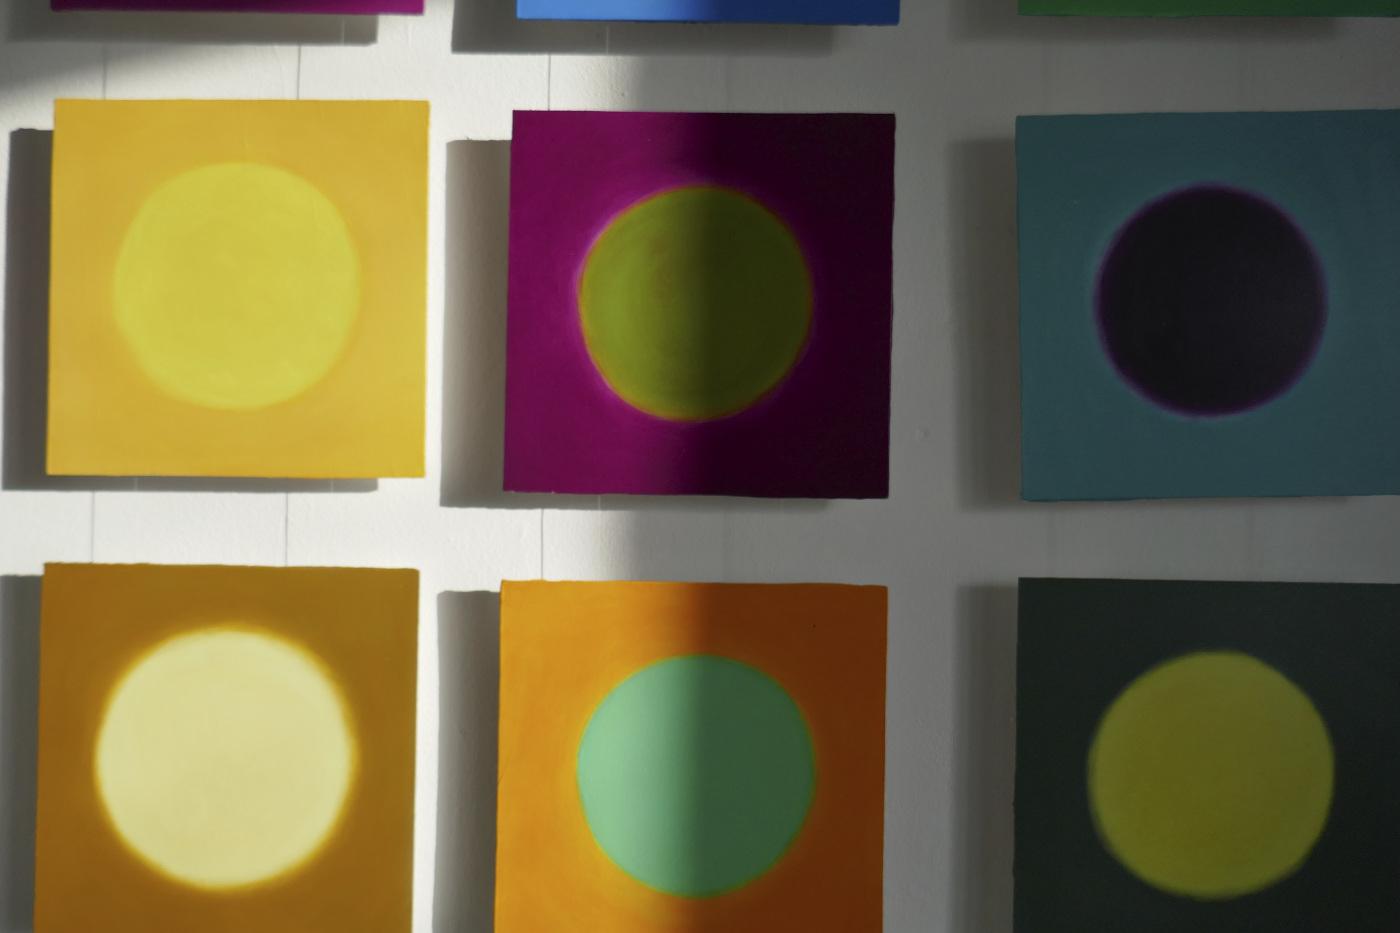 Zufallsgenierte Farben, Installation in der freien Kunstschule Kunstakademie Esslingen, 2019